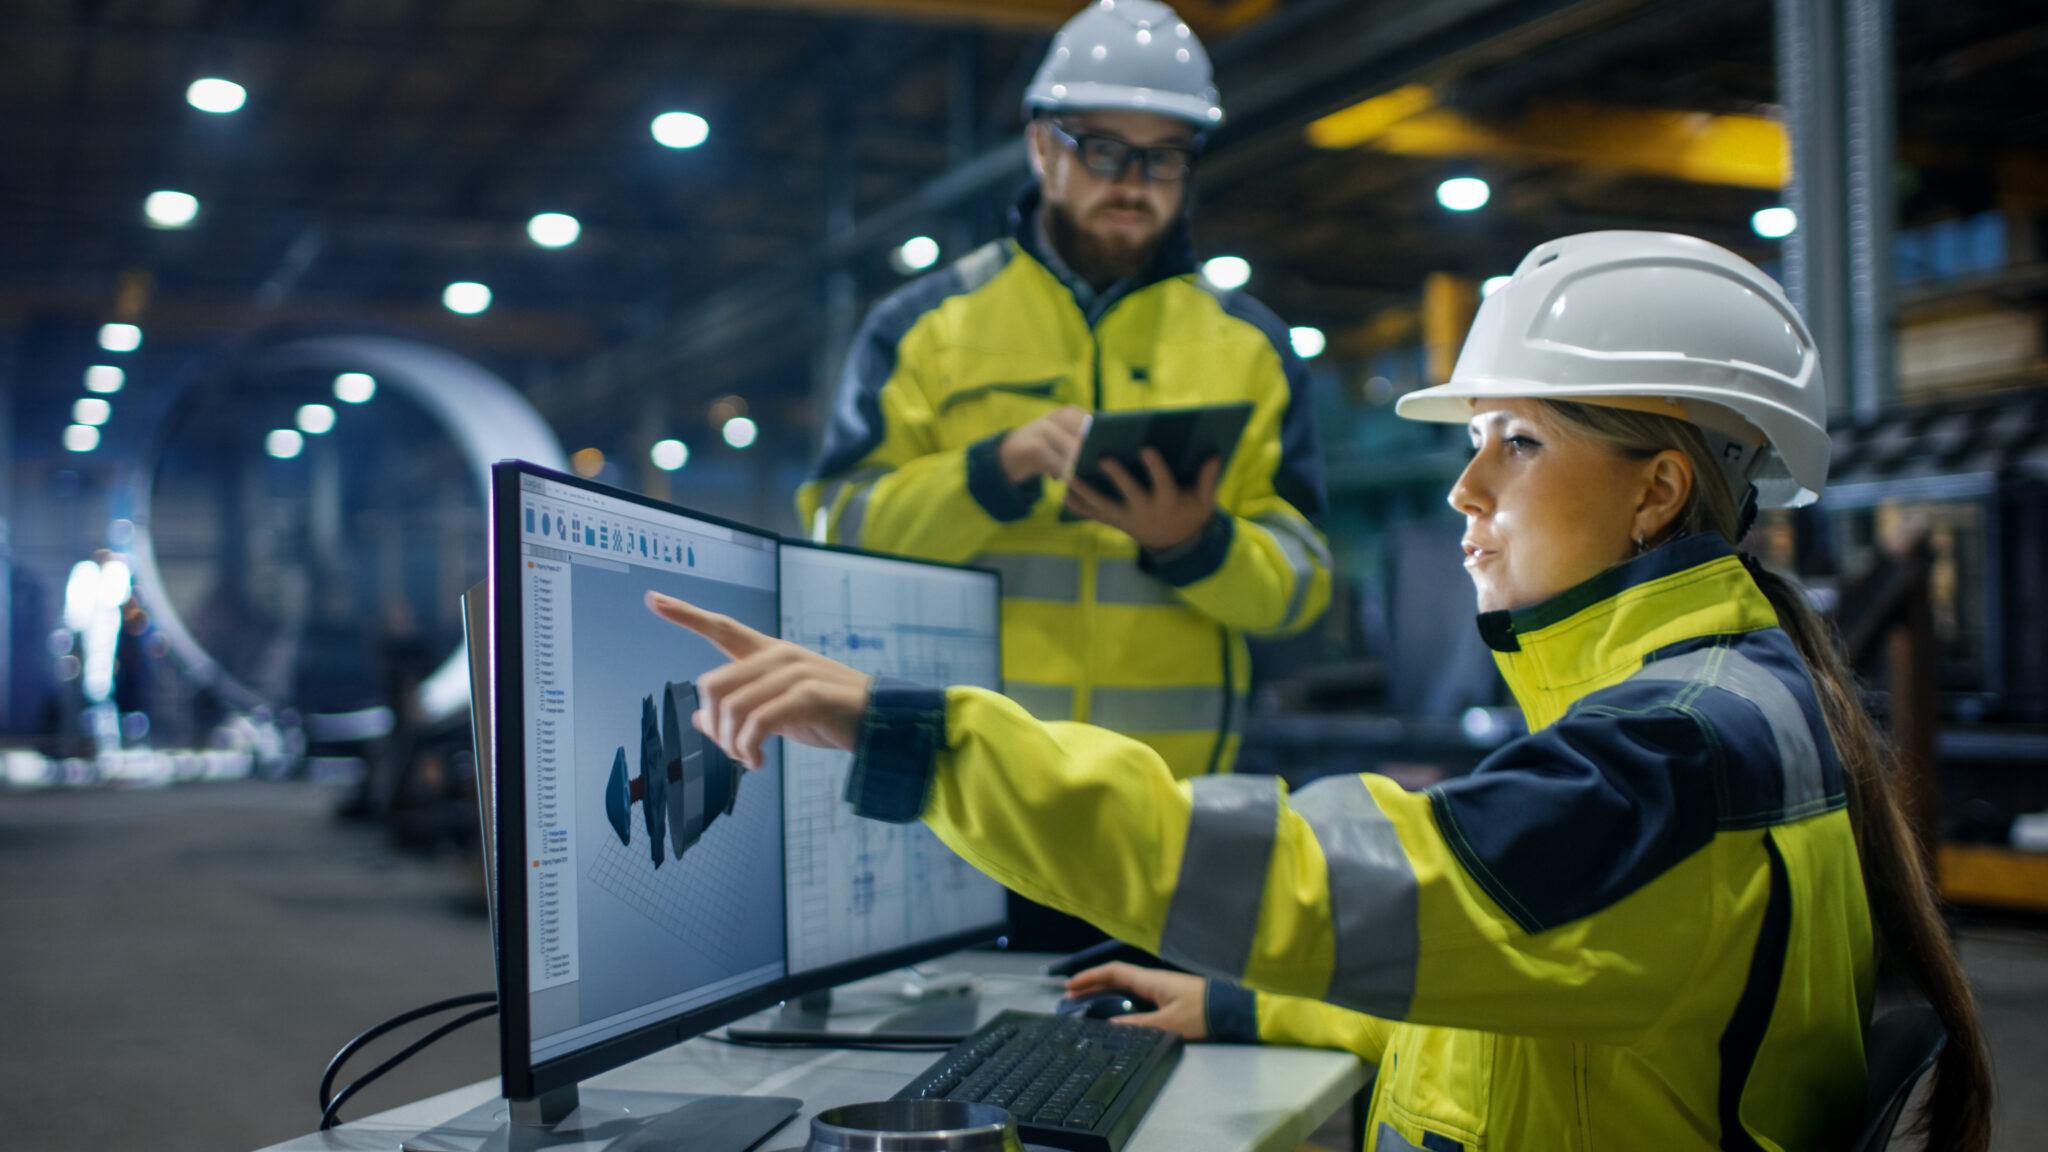 Frau und Mann in einer Fabrik. Sie am Bildschirm mit einem 3D-Modell, er am Tablet.